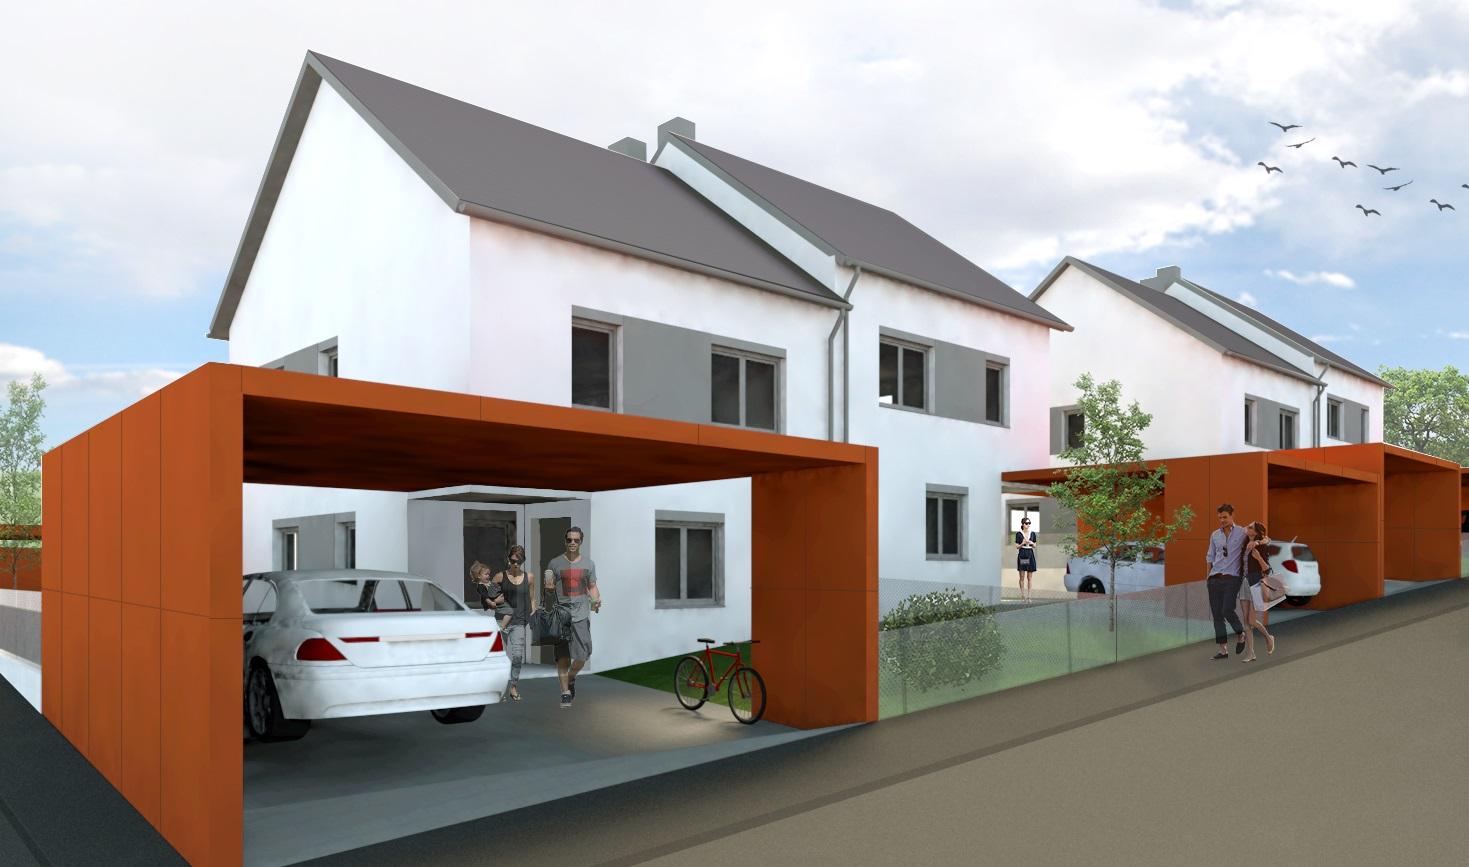 Immobilie von Kamptal in 3804 Allentsteig, Zwettl, Allentsteig I - Top 3 #1